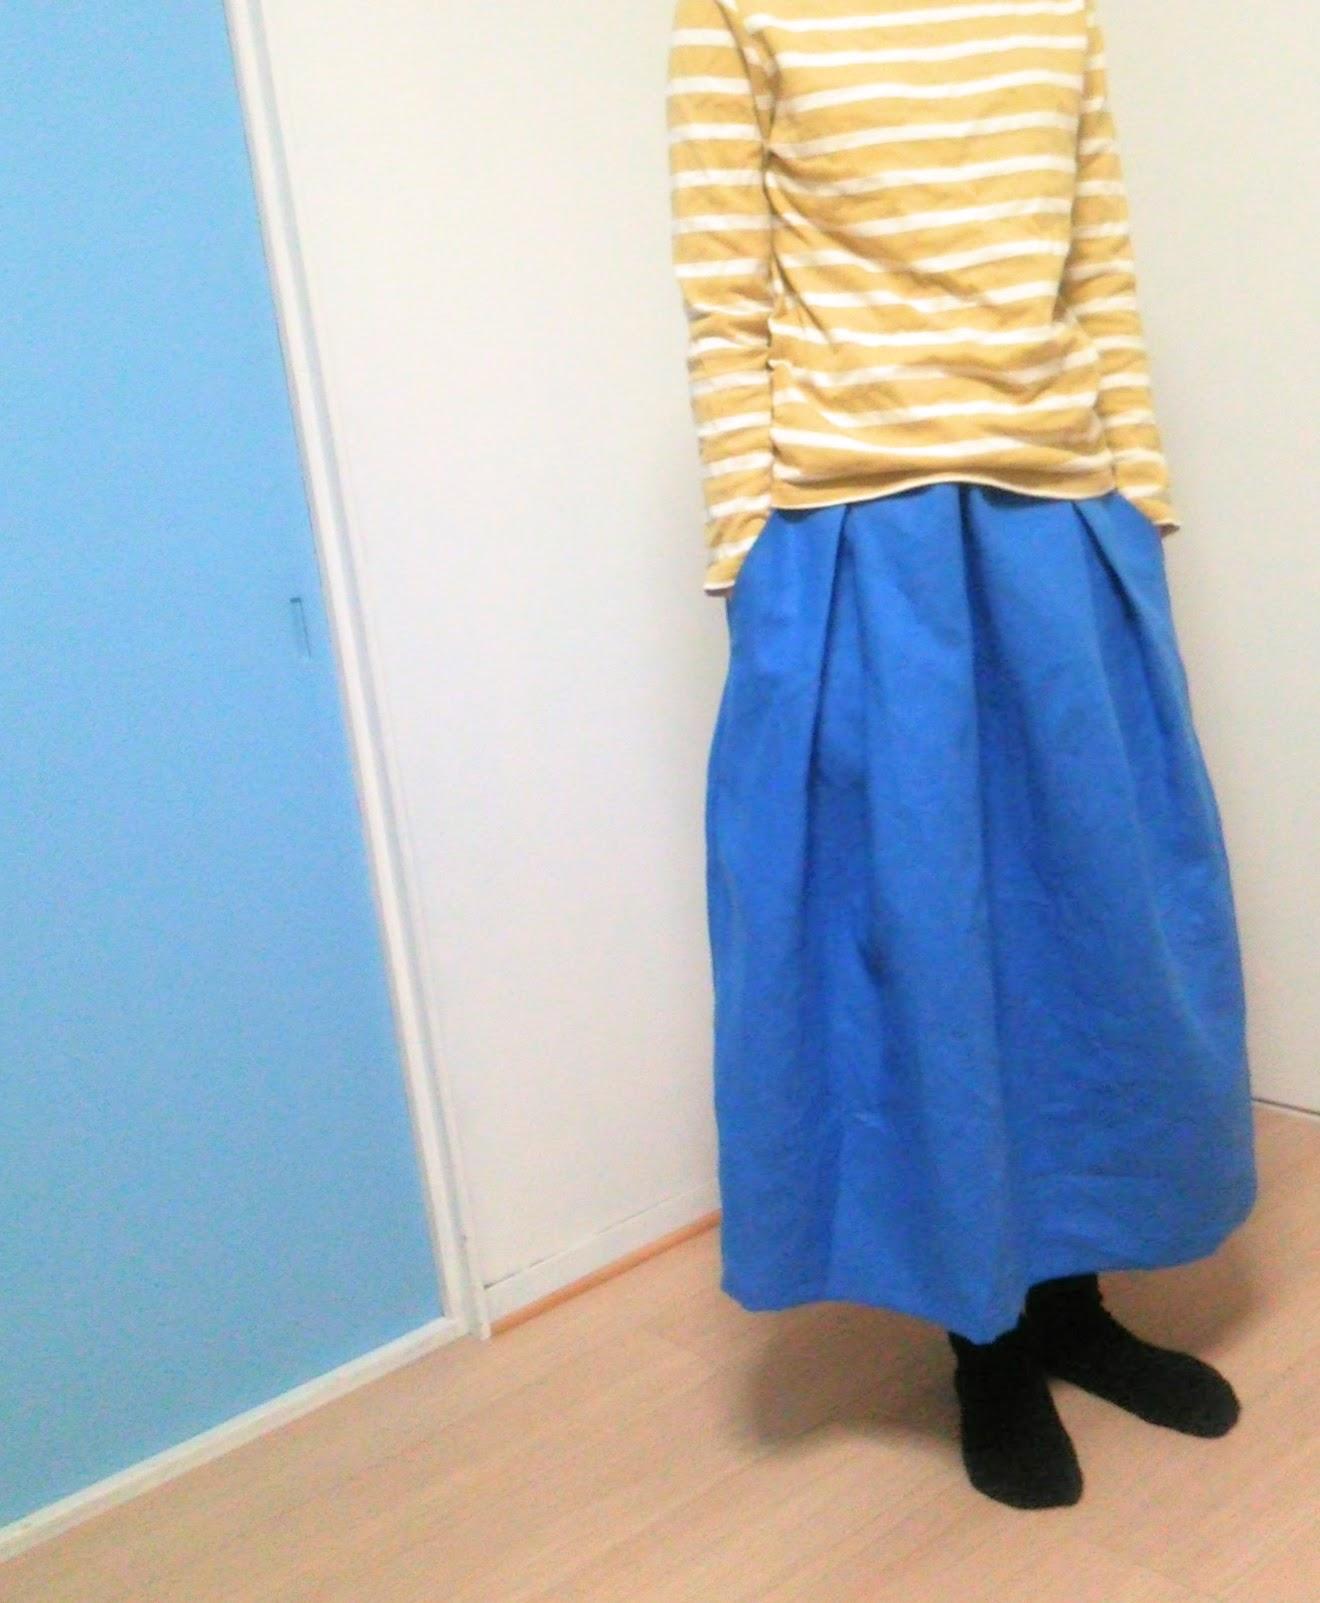 秋もブルー。ブルーのリネンロングスカートをはいてみるのも・・・。